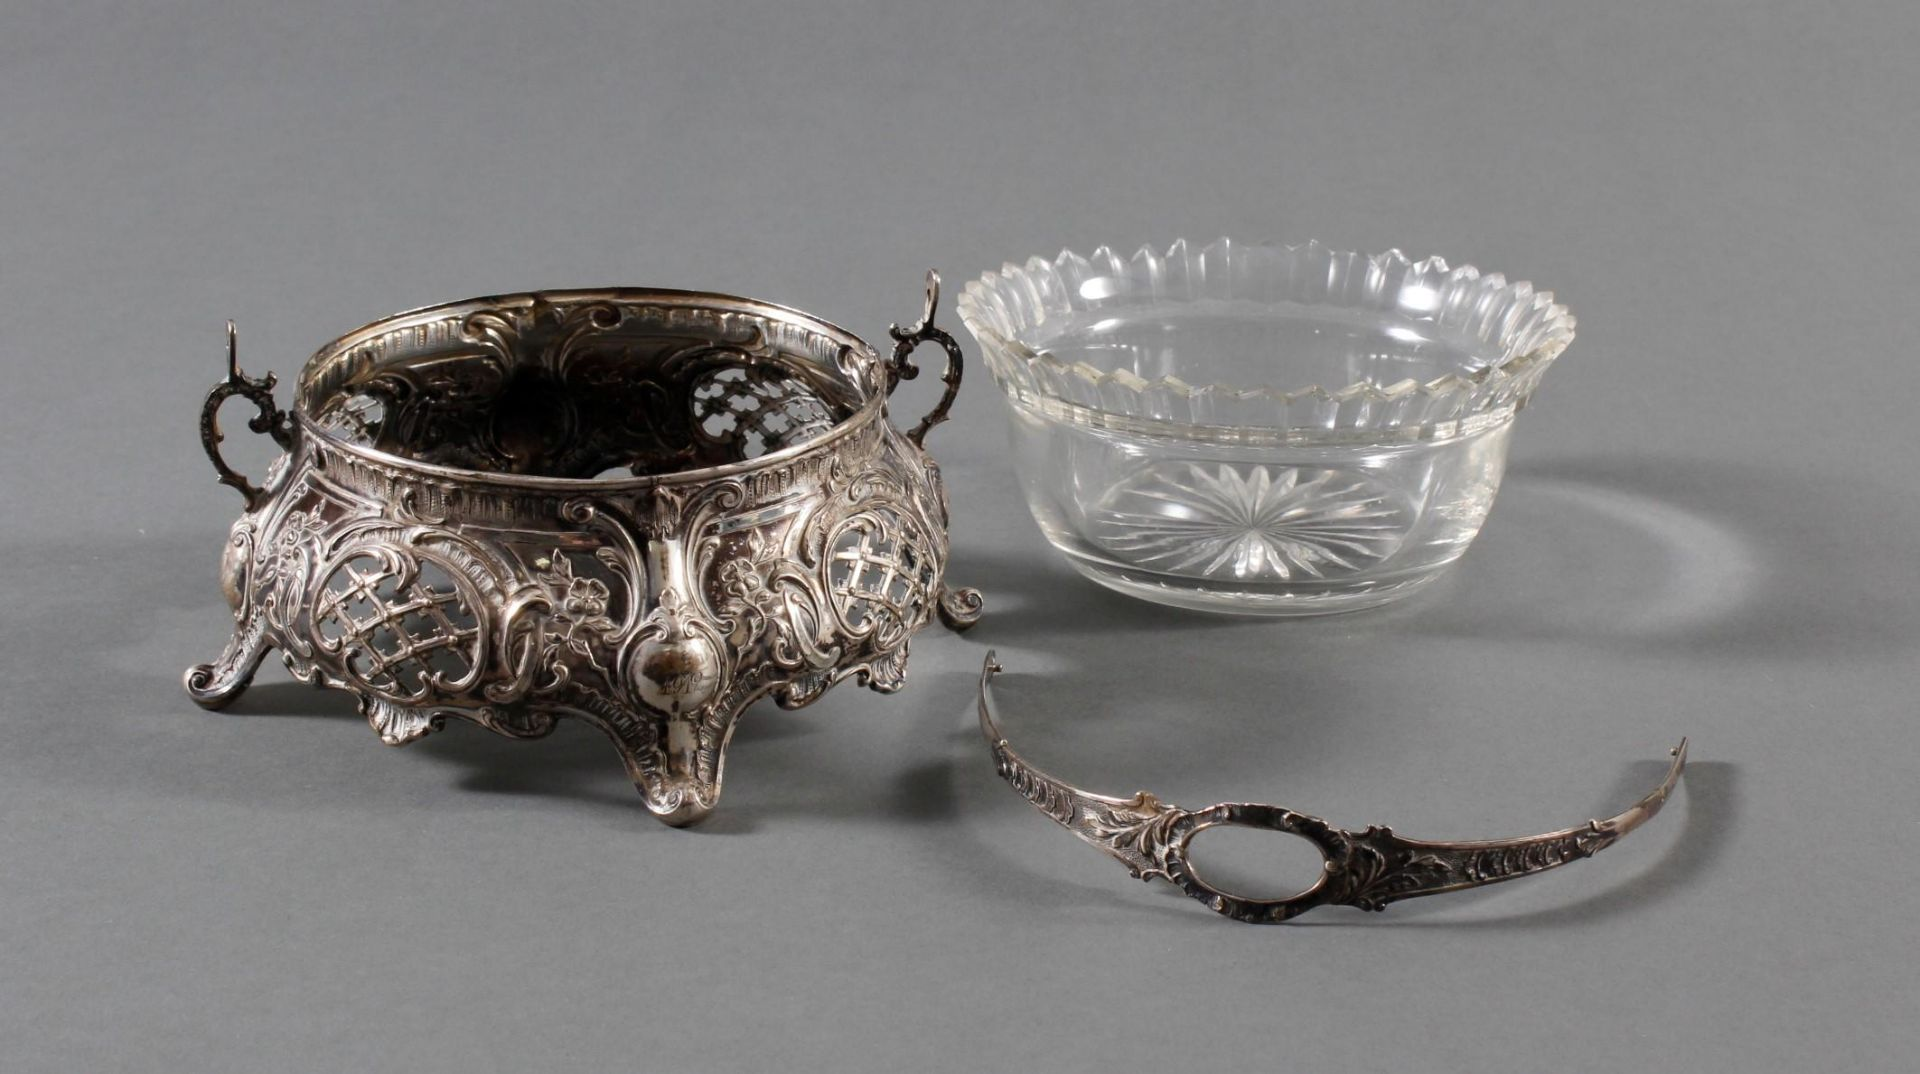 Silbernes Gebäckschälchen mit Glaseinsatz und Gravur - Bild 9 aus 11